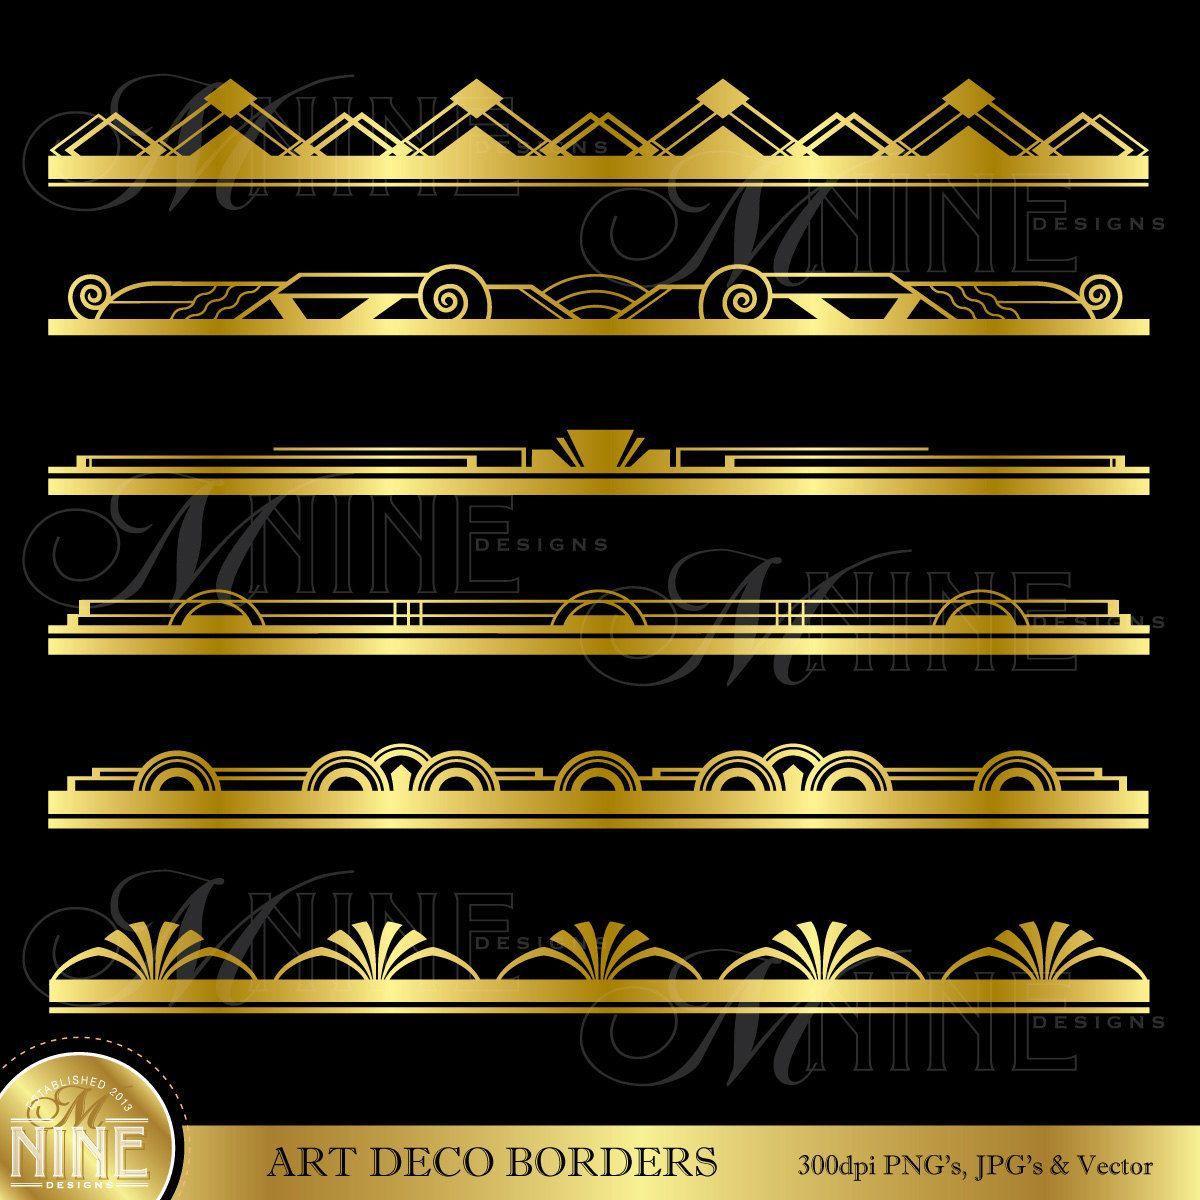 R sultat de recherche d 39 images pour motif art deco miroir for Miroir art deco 1930